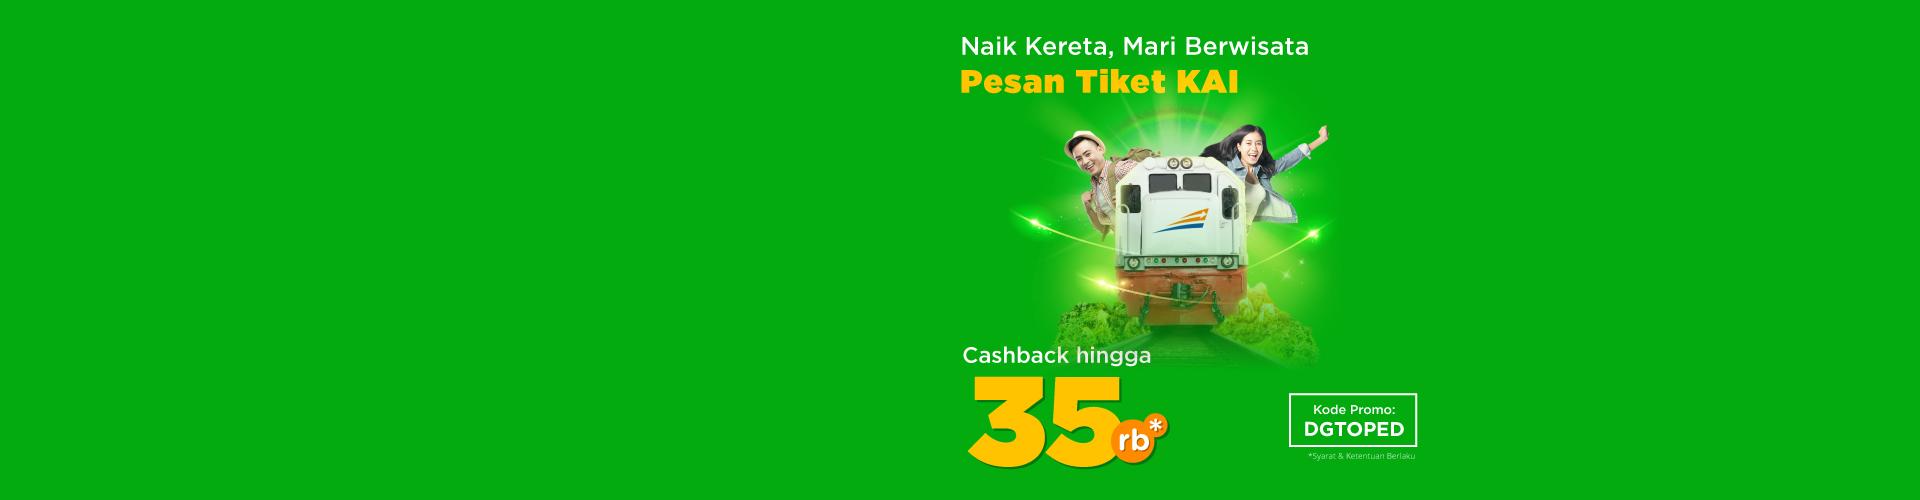 Hanya 3 hari dari 19 - 21 Agustus, beli tiket kereta bisa dapat cashback hingga 65rb!